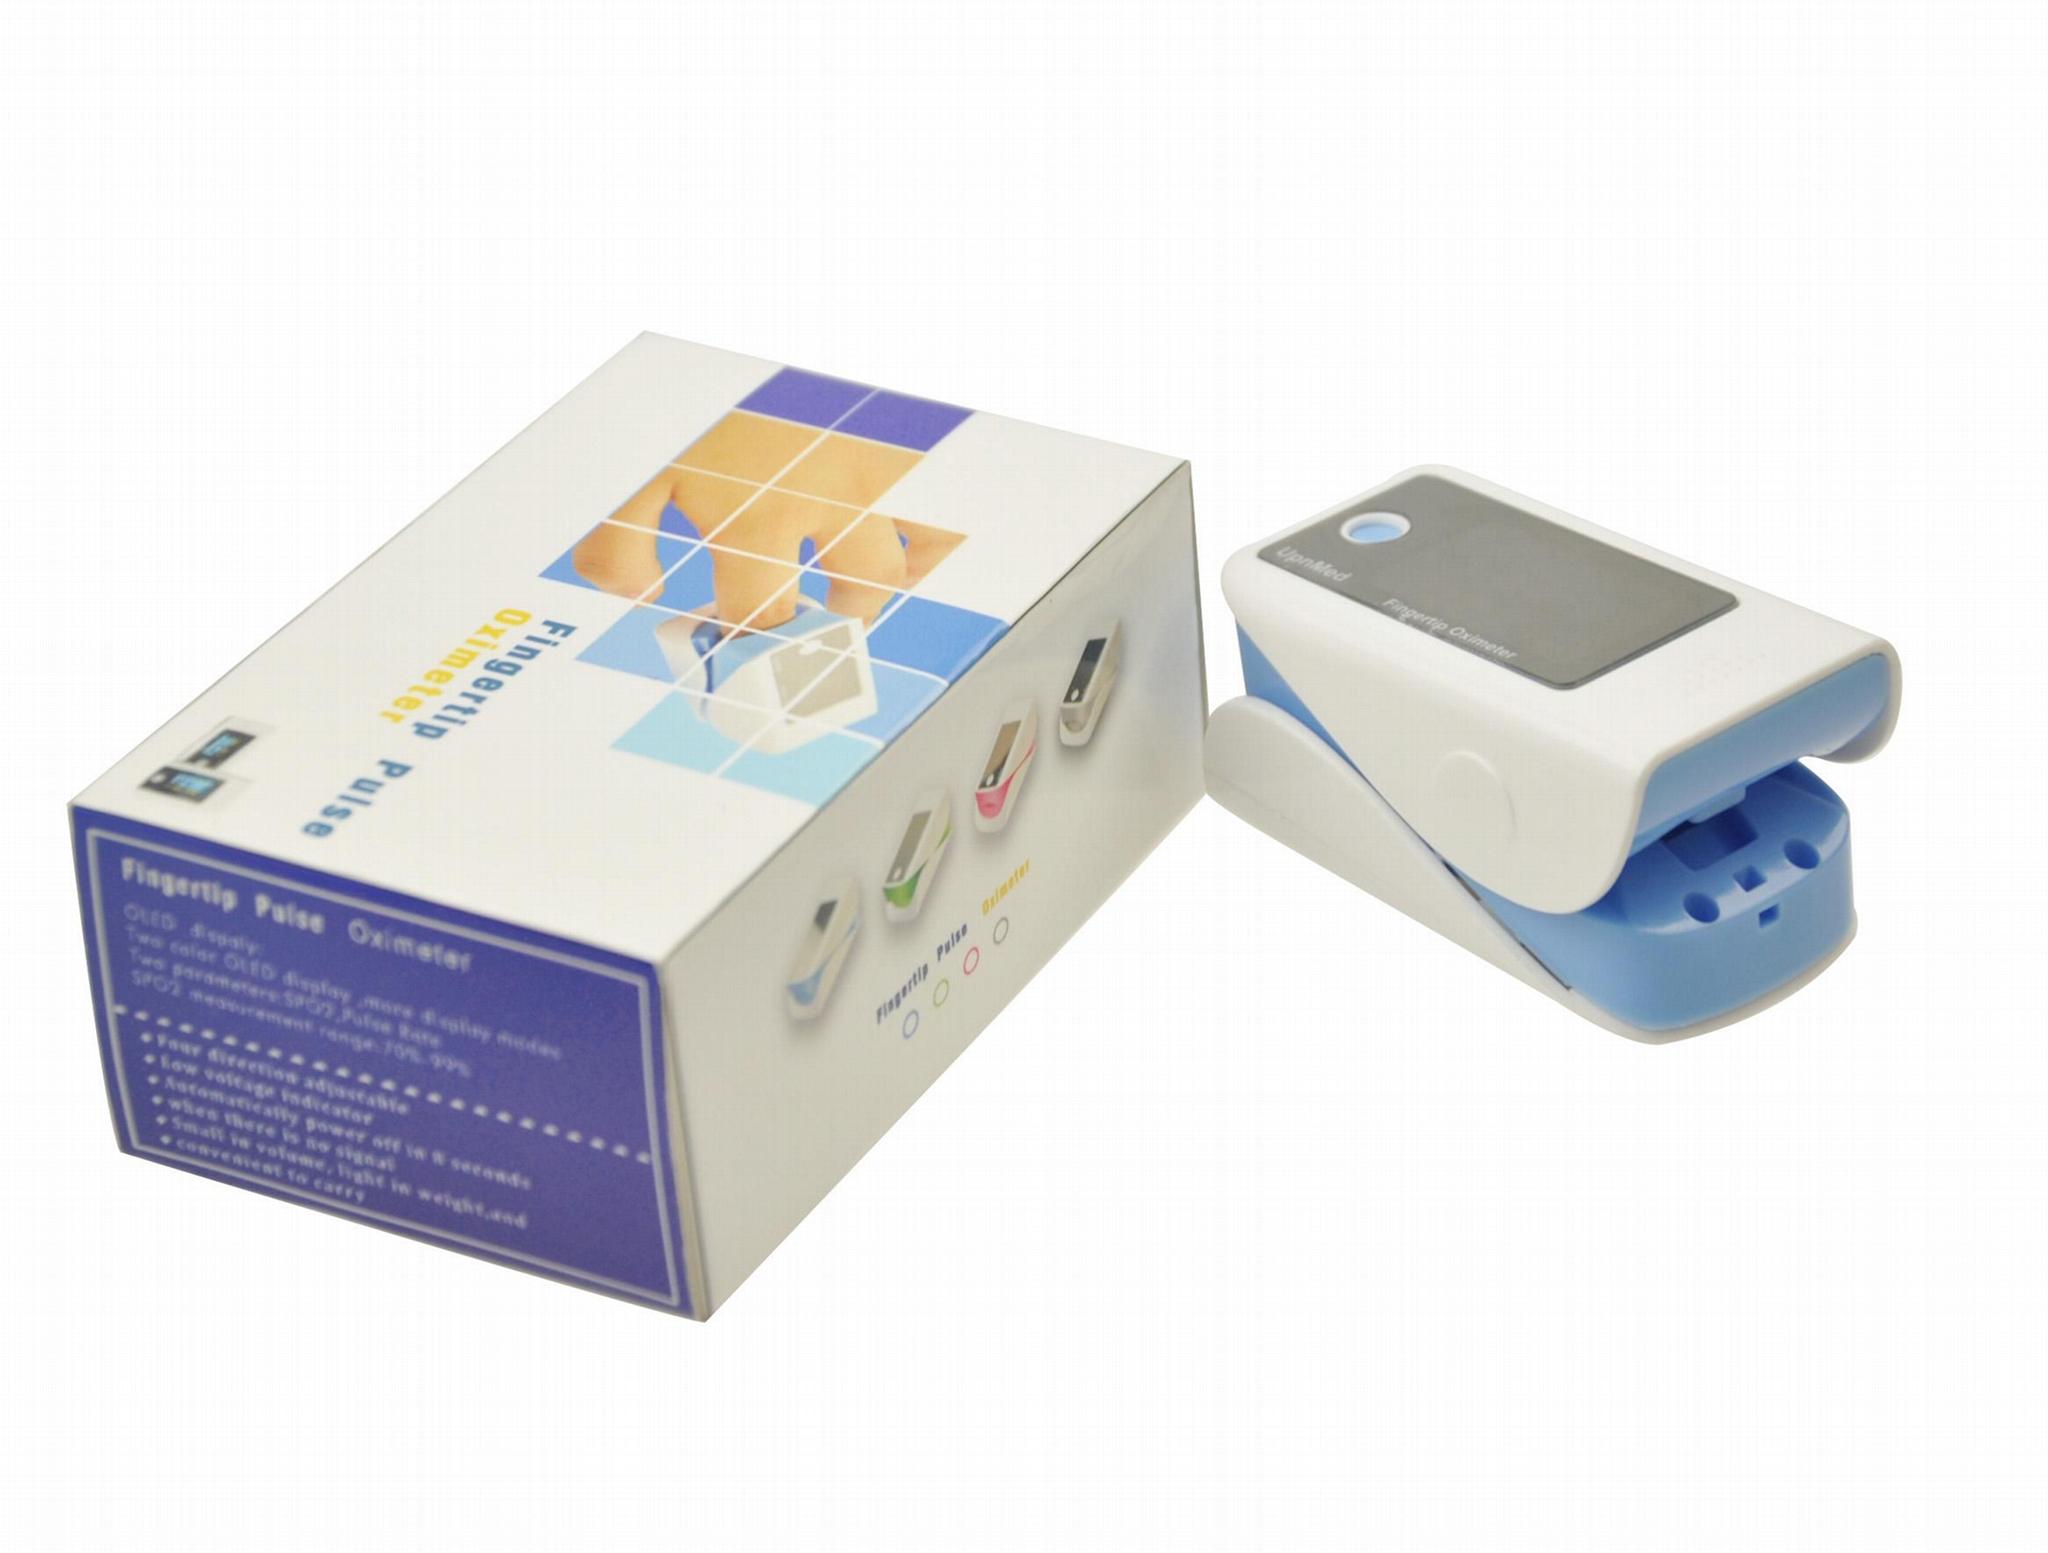 UPNMED Fingertip pulse oximeter